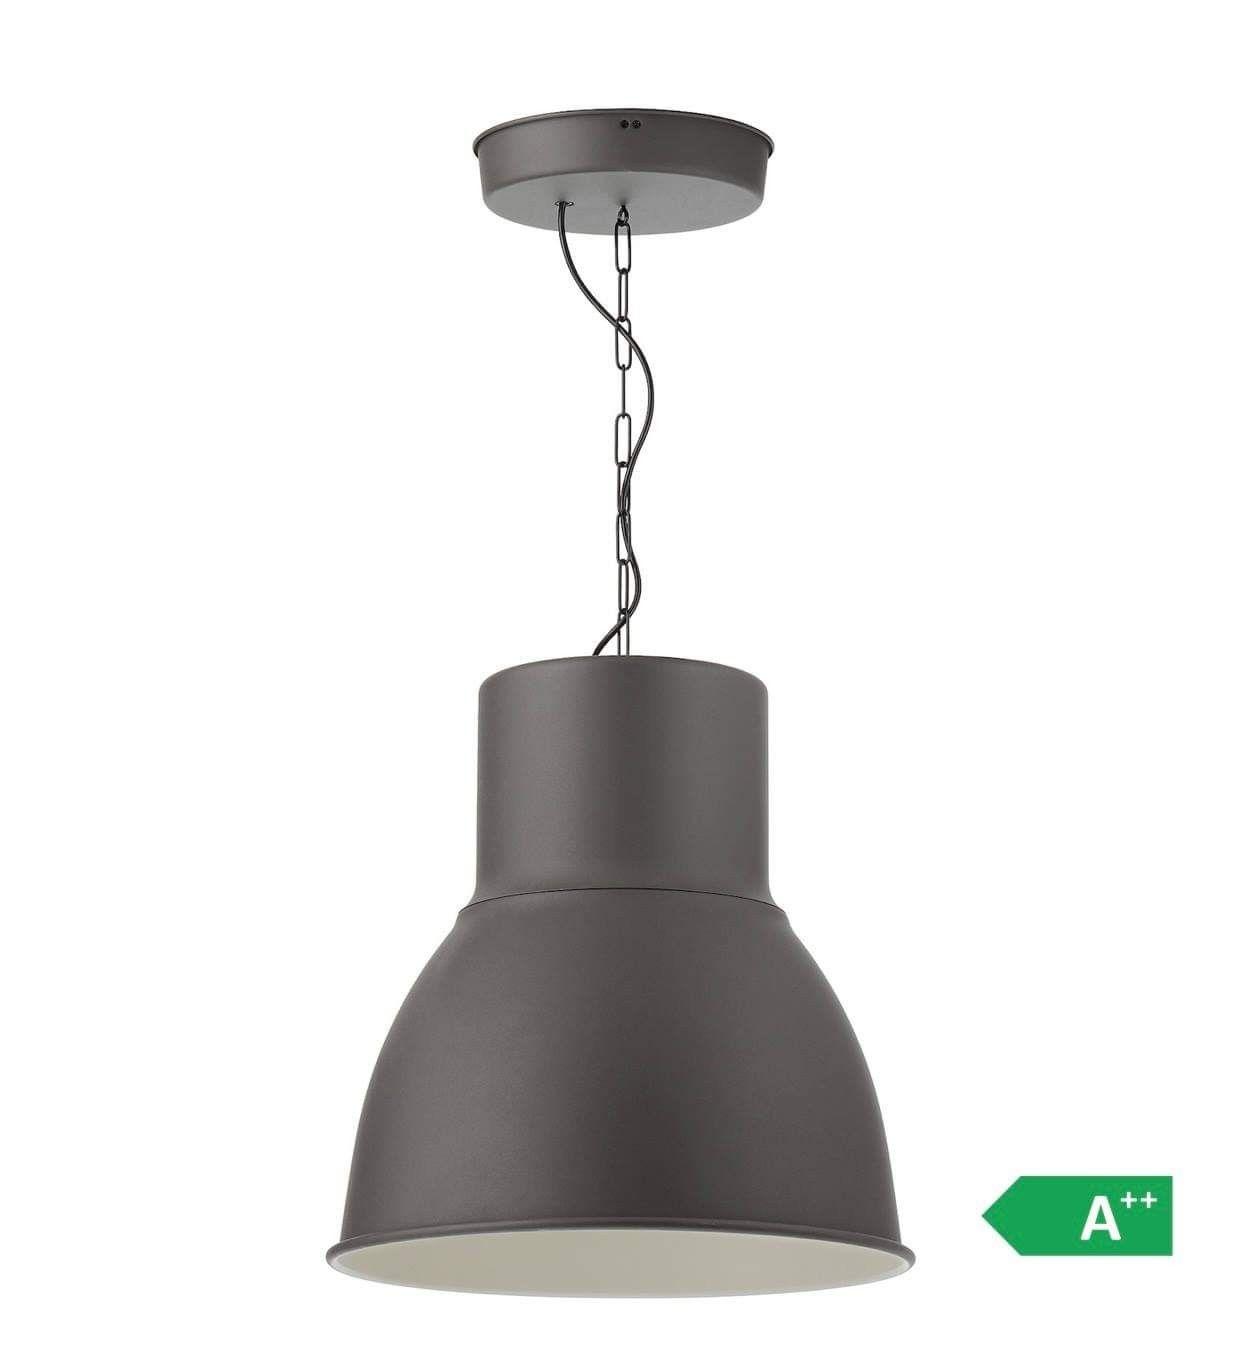 lampa hektar